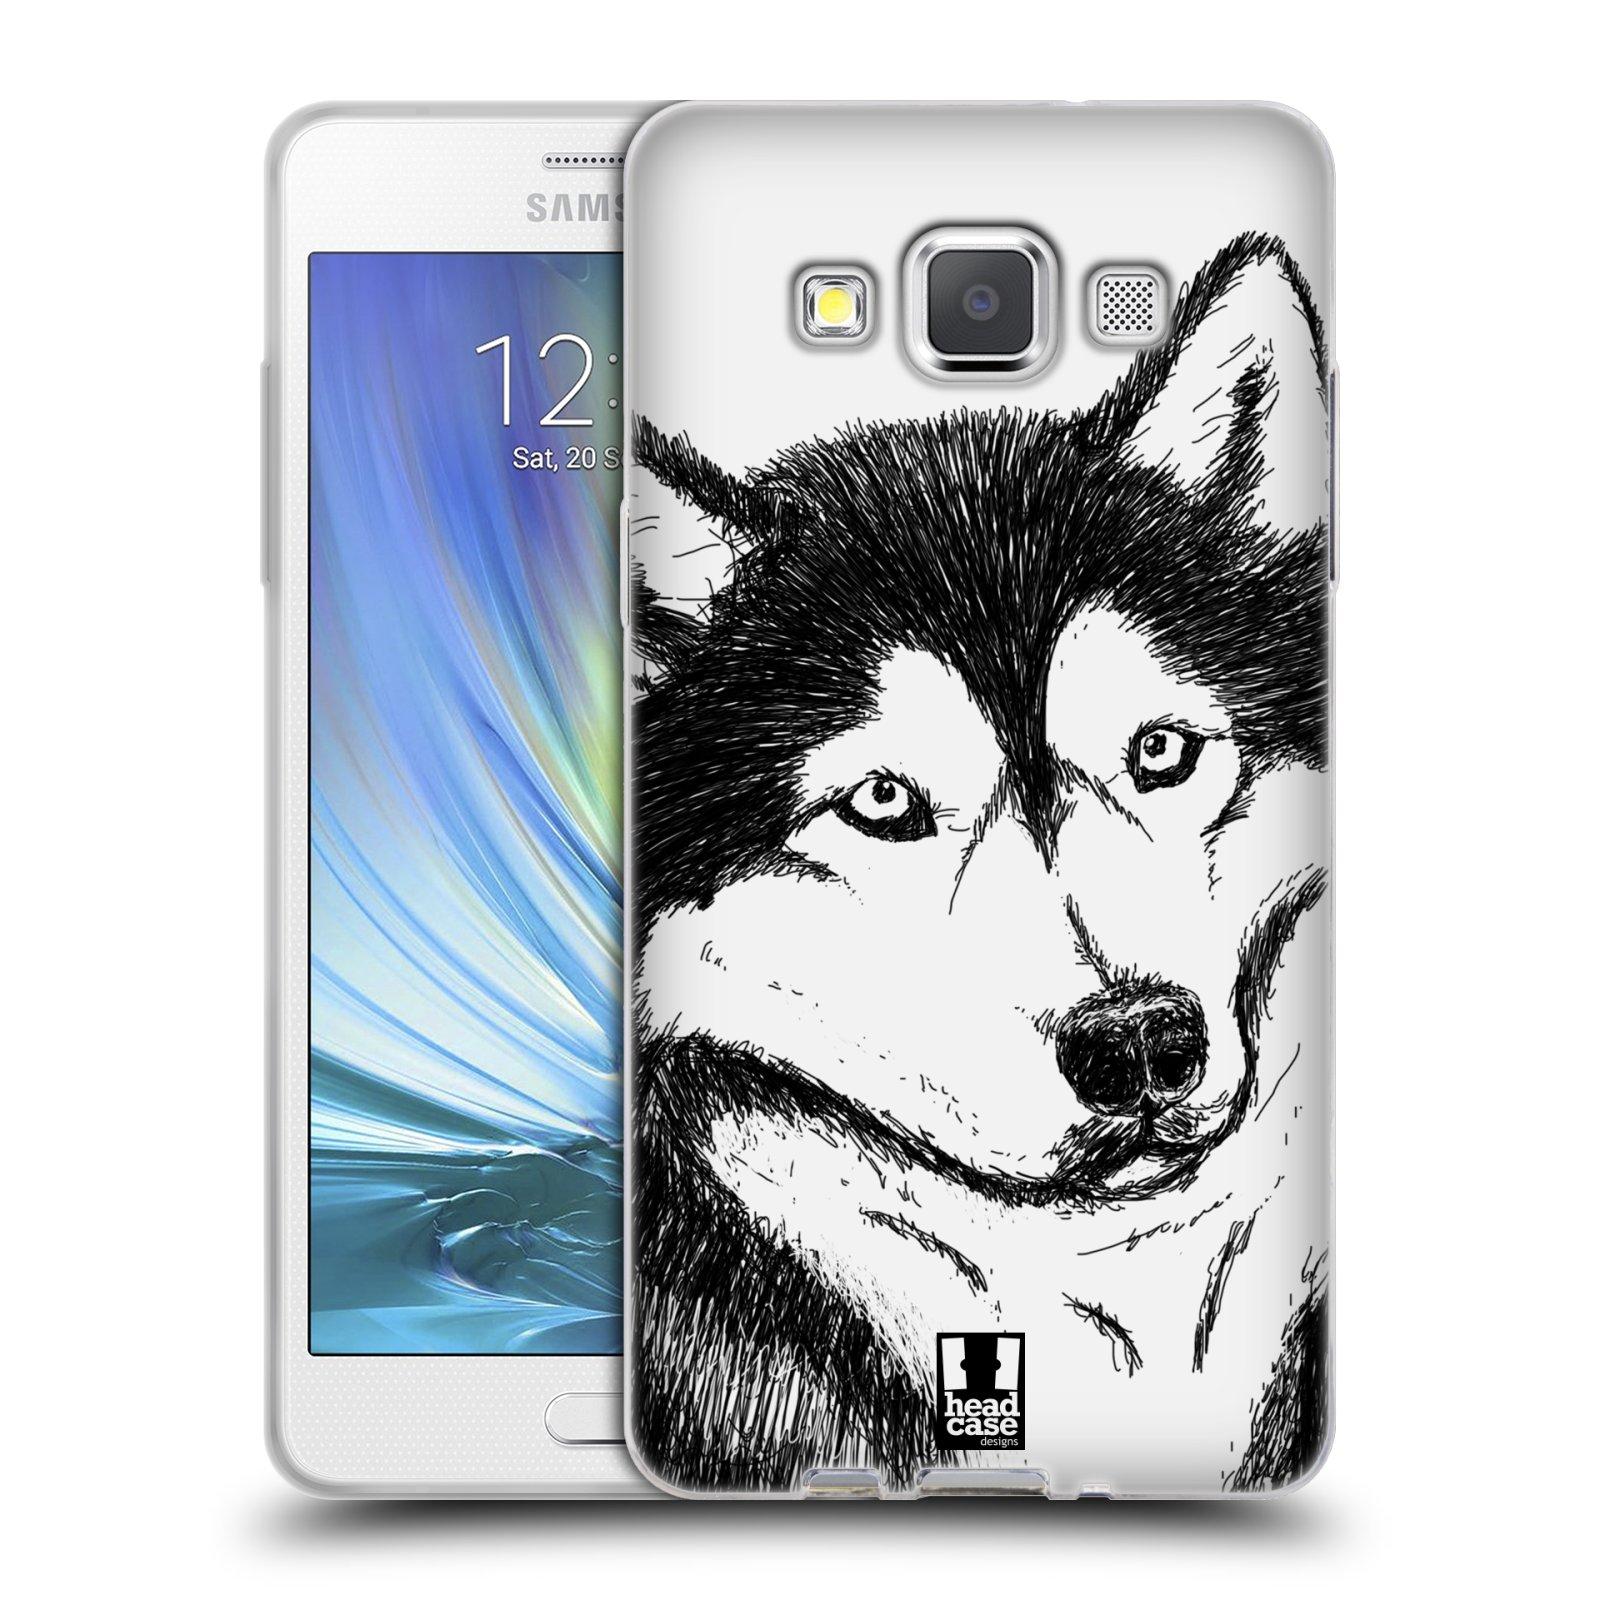 HEAD CASE silikonový obal na mobil Samsung Galaxy A5 vzor Kreslená zvířátka černá a bílá pes husky